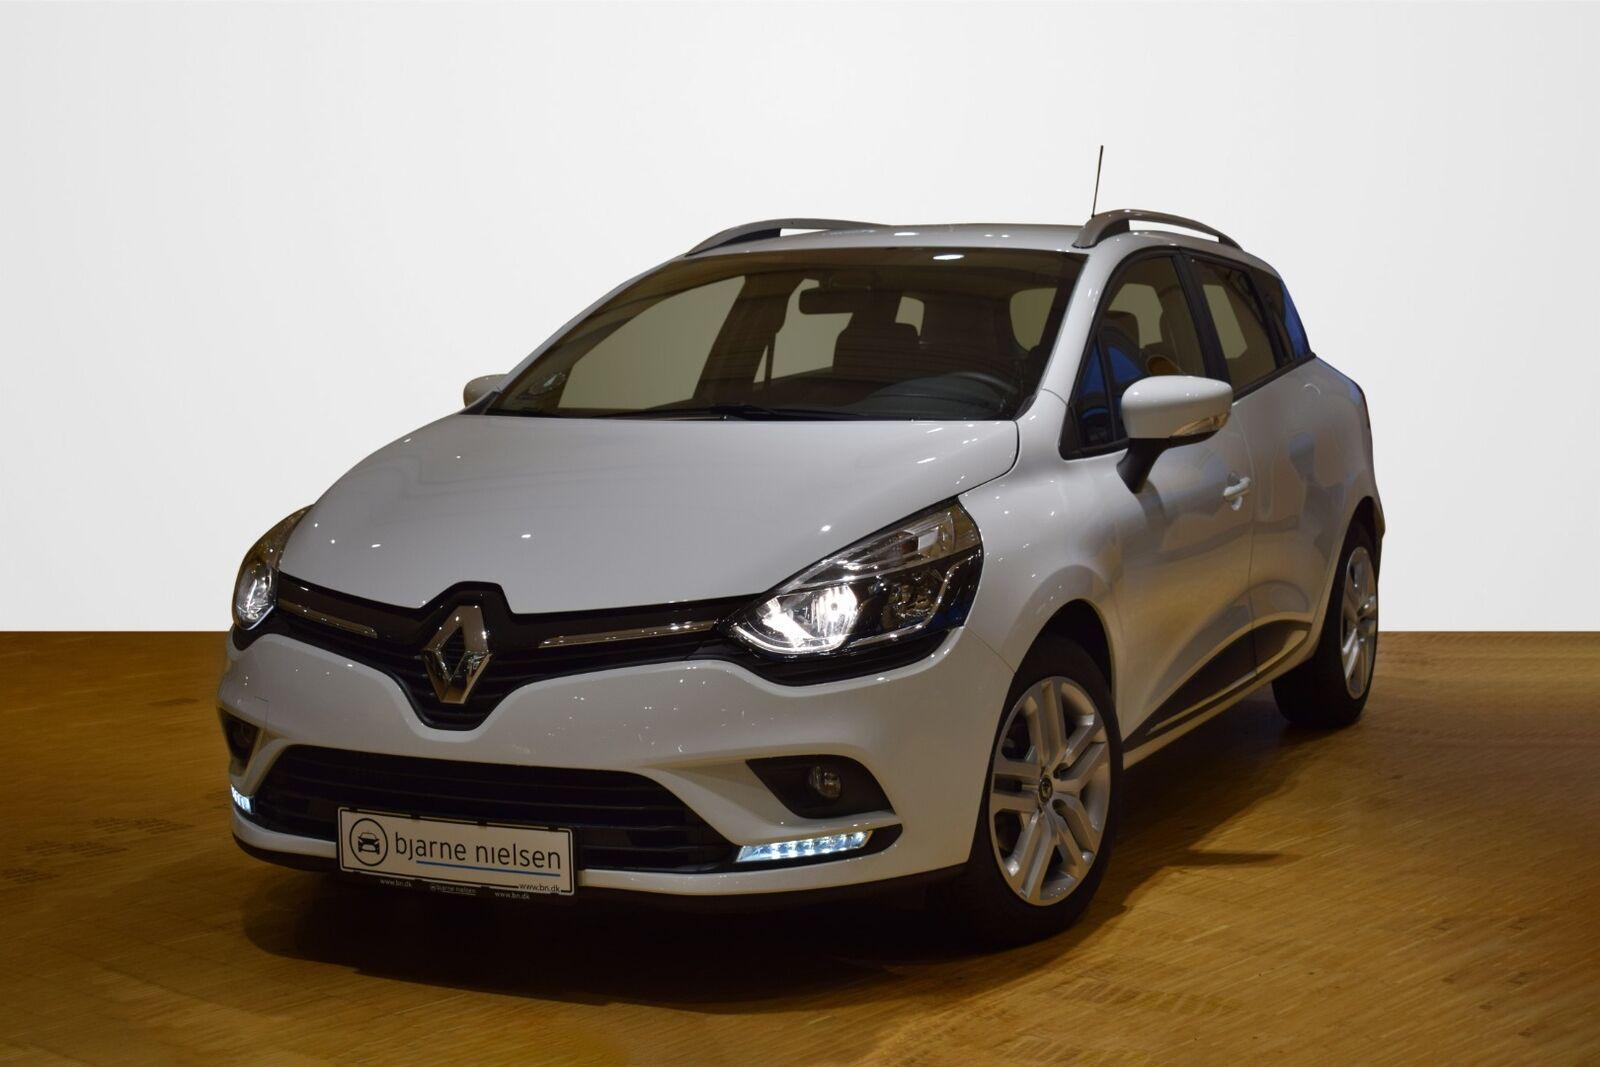 Renault Clio IV Billede 7